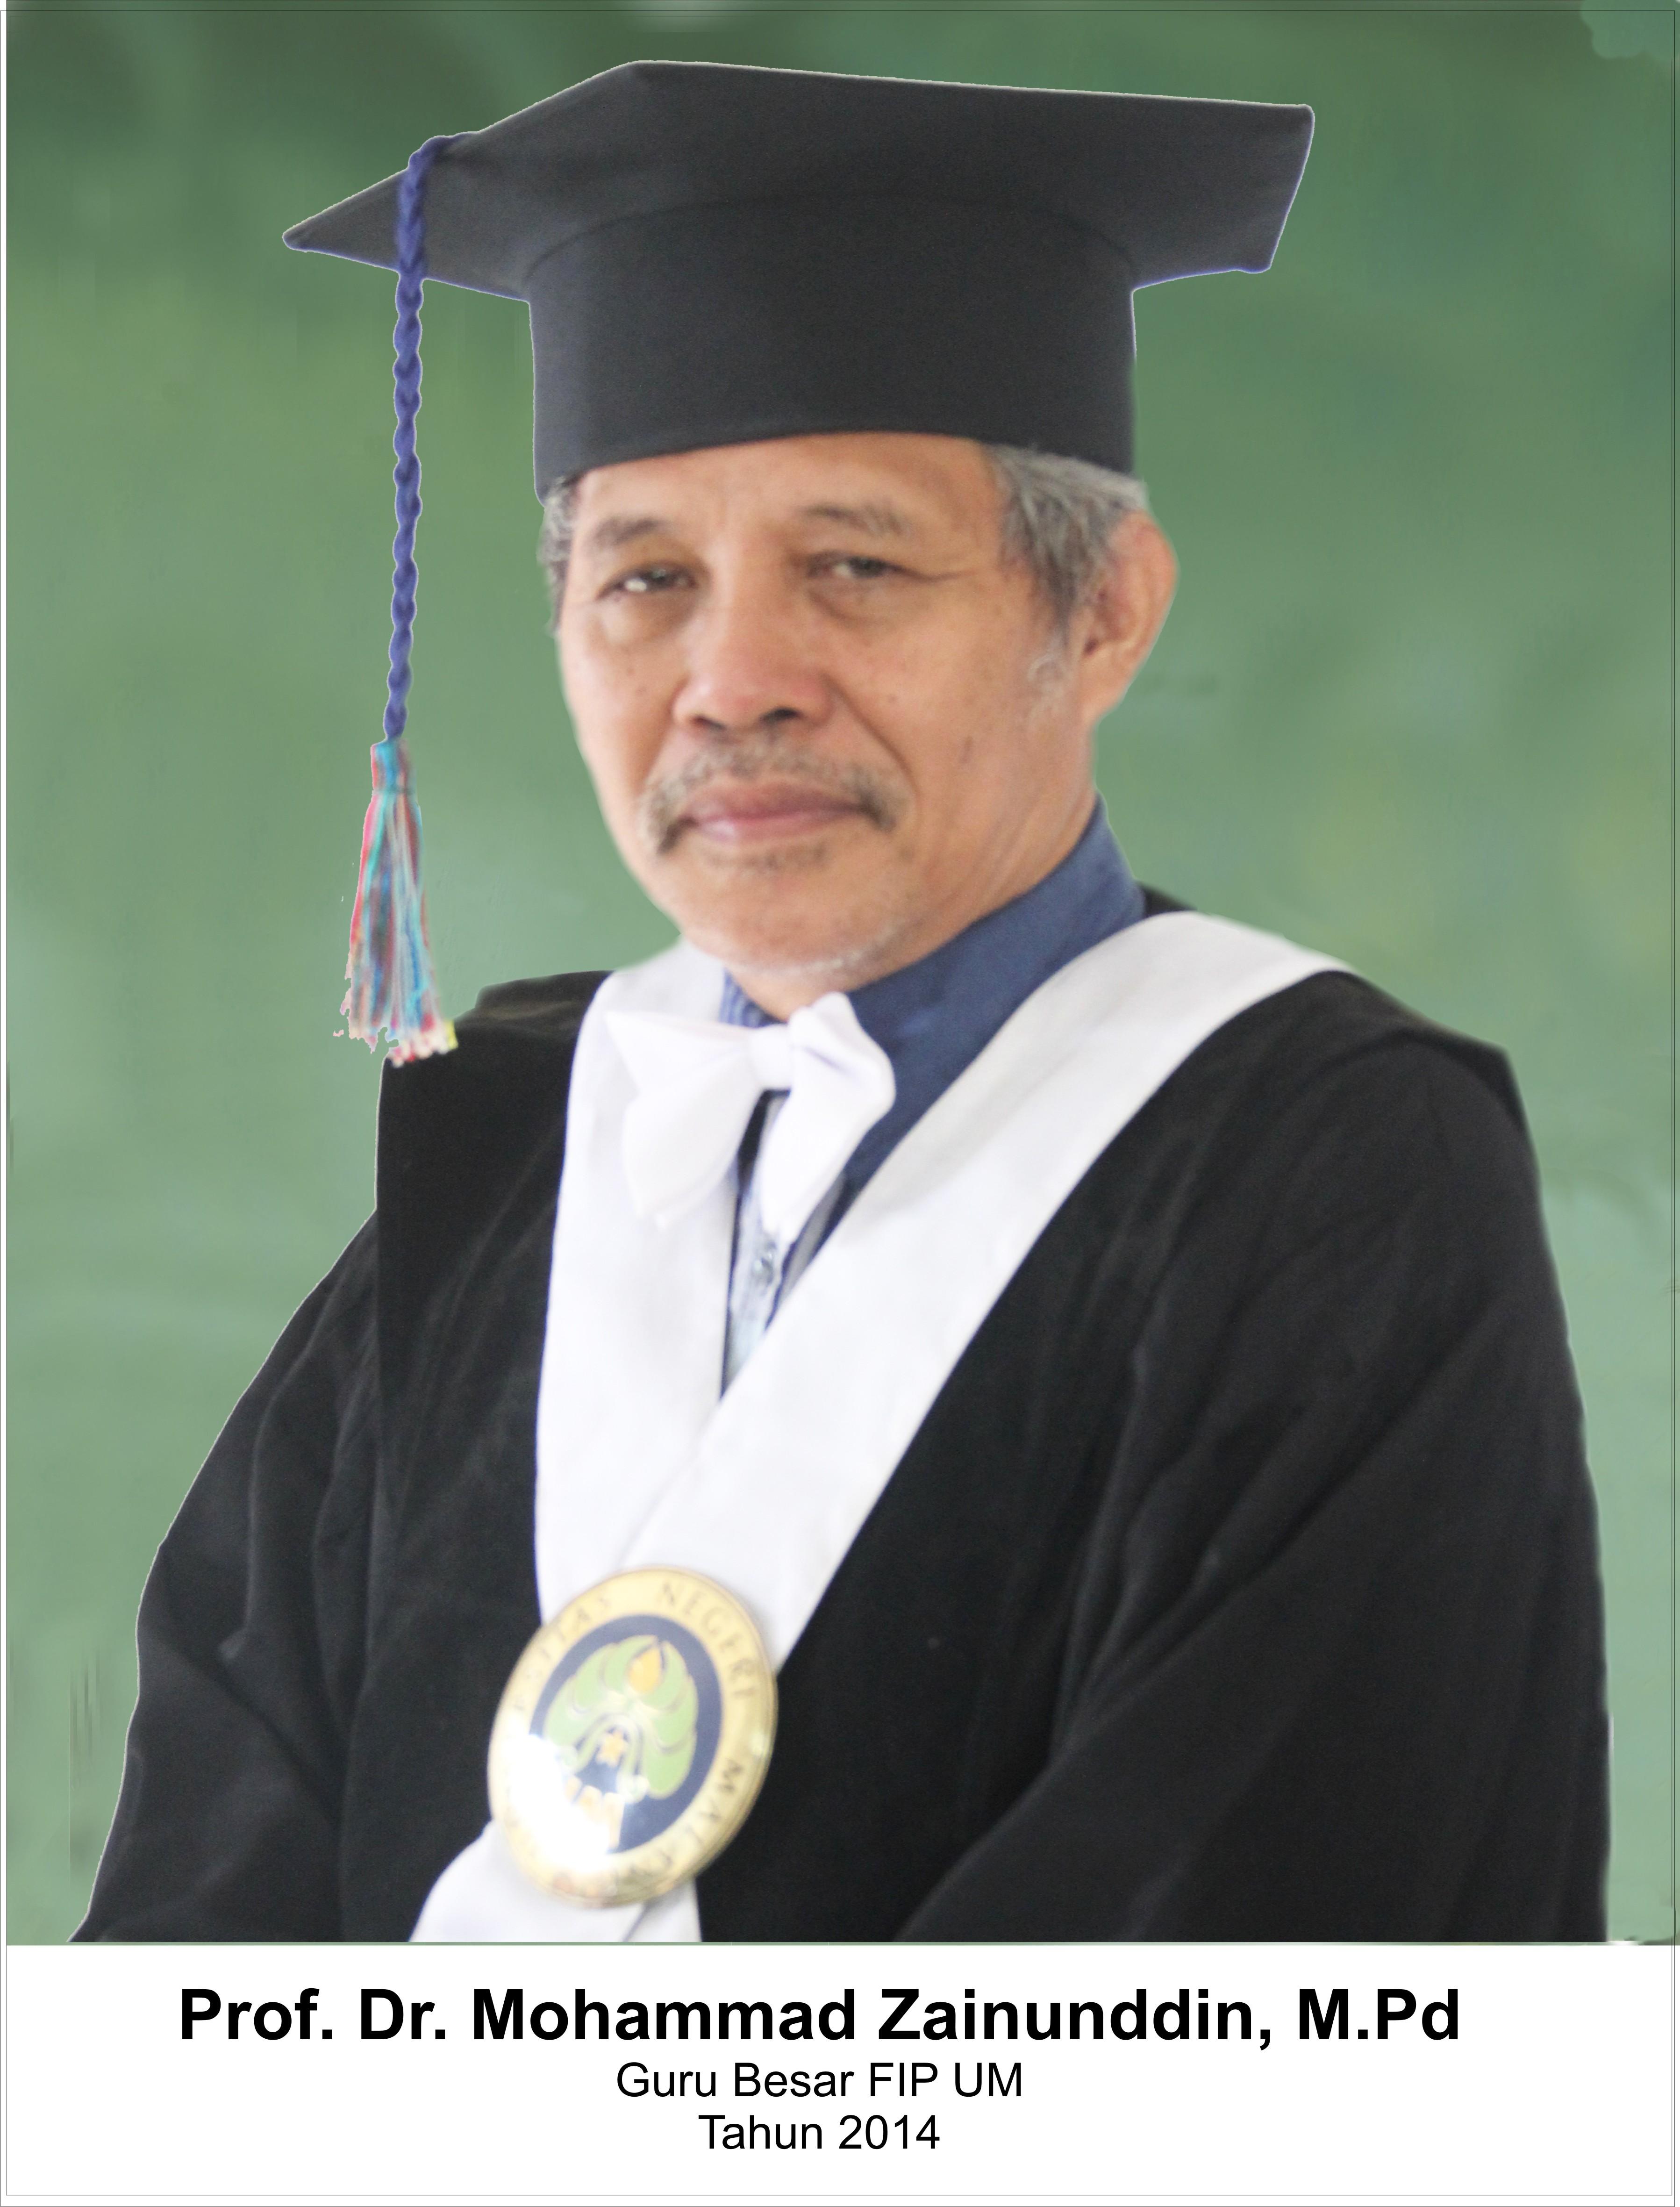 Prof. Dr. Drs. Muhammad Zainuddin, M.Pd